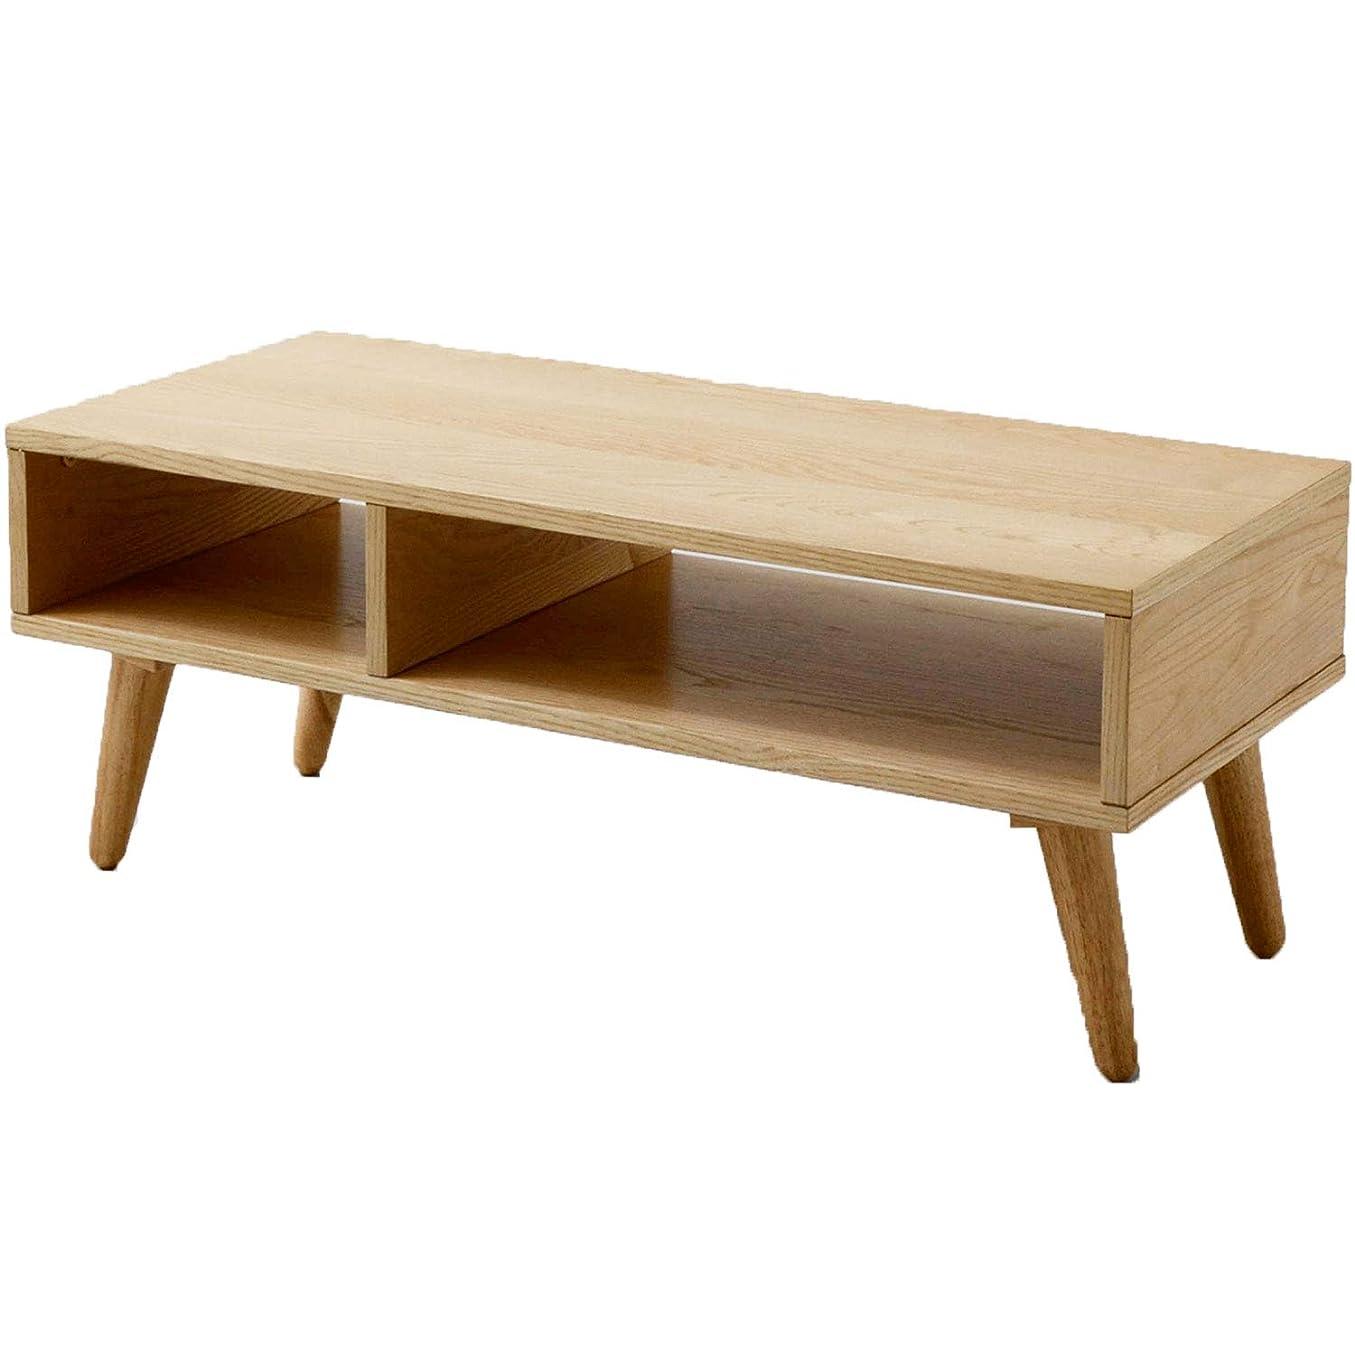 細菌シーボード誤解を招くエムール テレビ台 テレビボード アッシュ 幅90cm ローテーブル 木製 天然木 コーヒーテーブル 北欧 新生活 コンパクト 一人暮らし